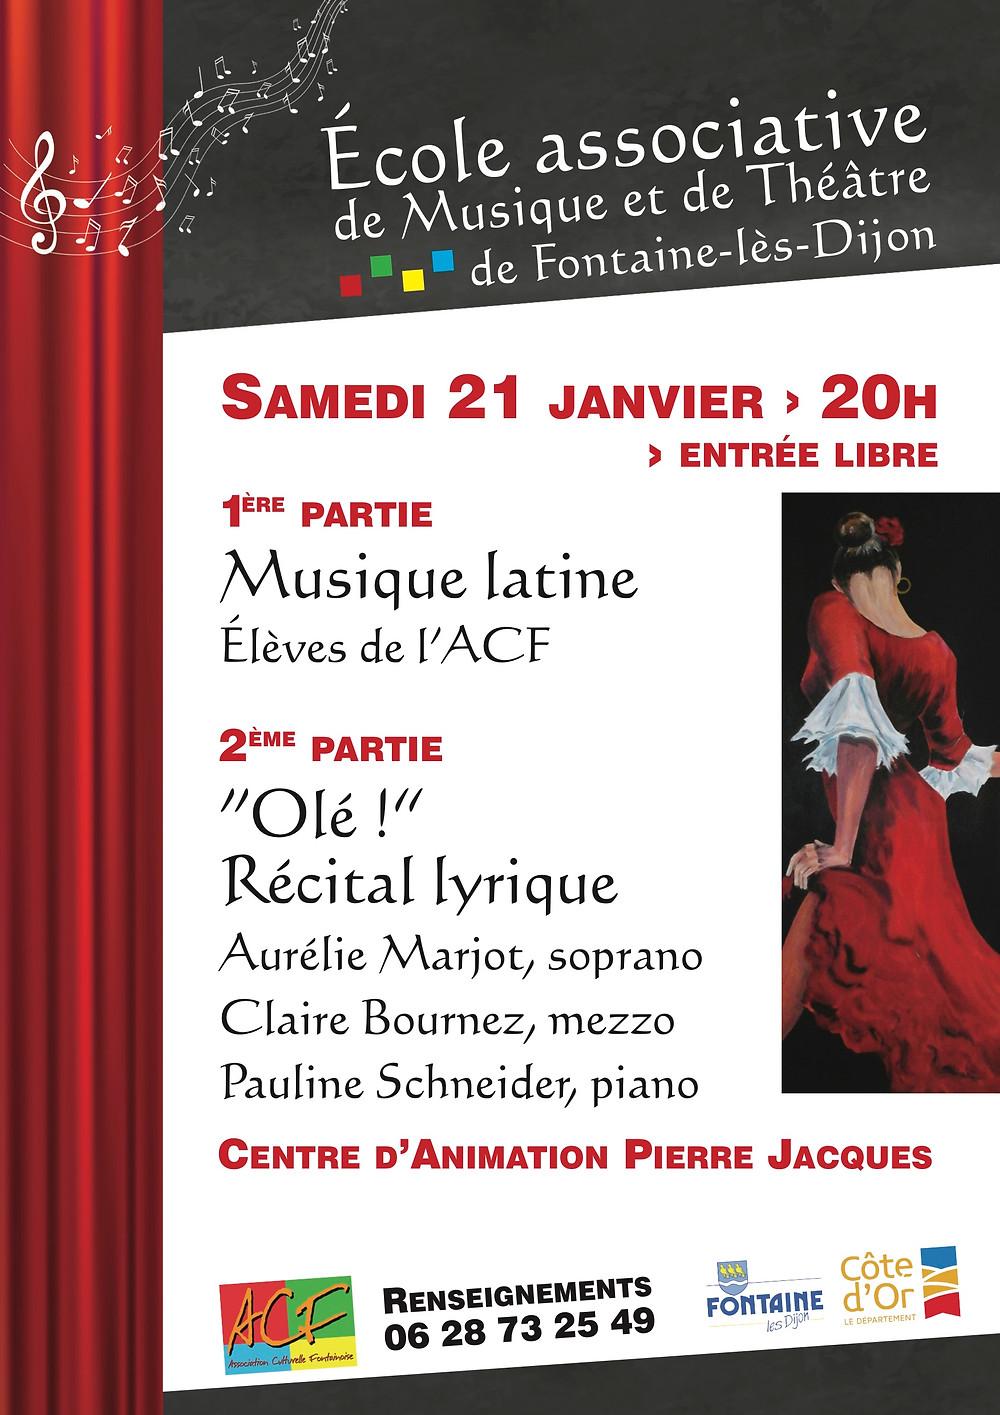 L'école associative de musique et de théâtre a organisé une soirée le samedi 21 janvier 2017 au Centre d'animation Pierre Jacques à Fontaine les Dijon.